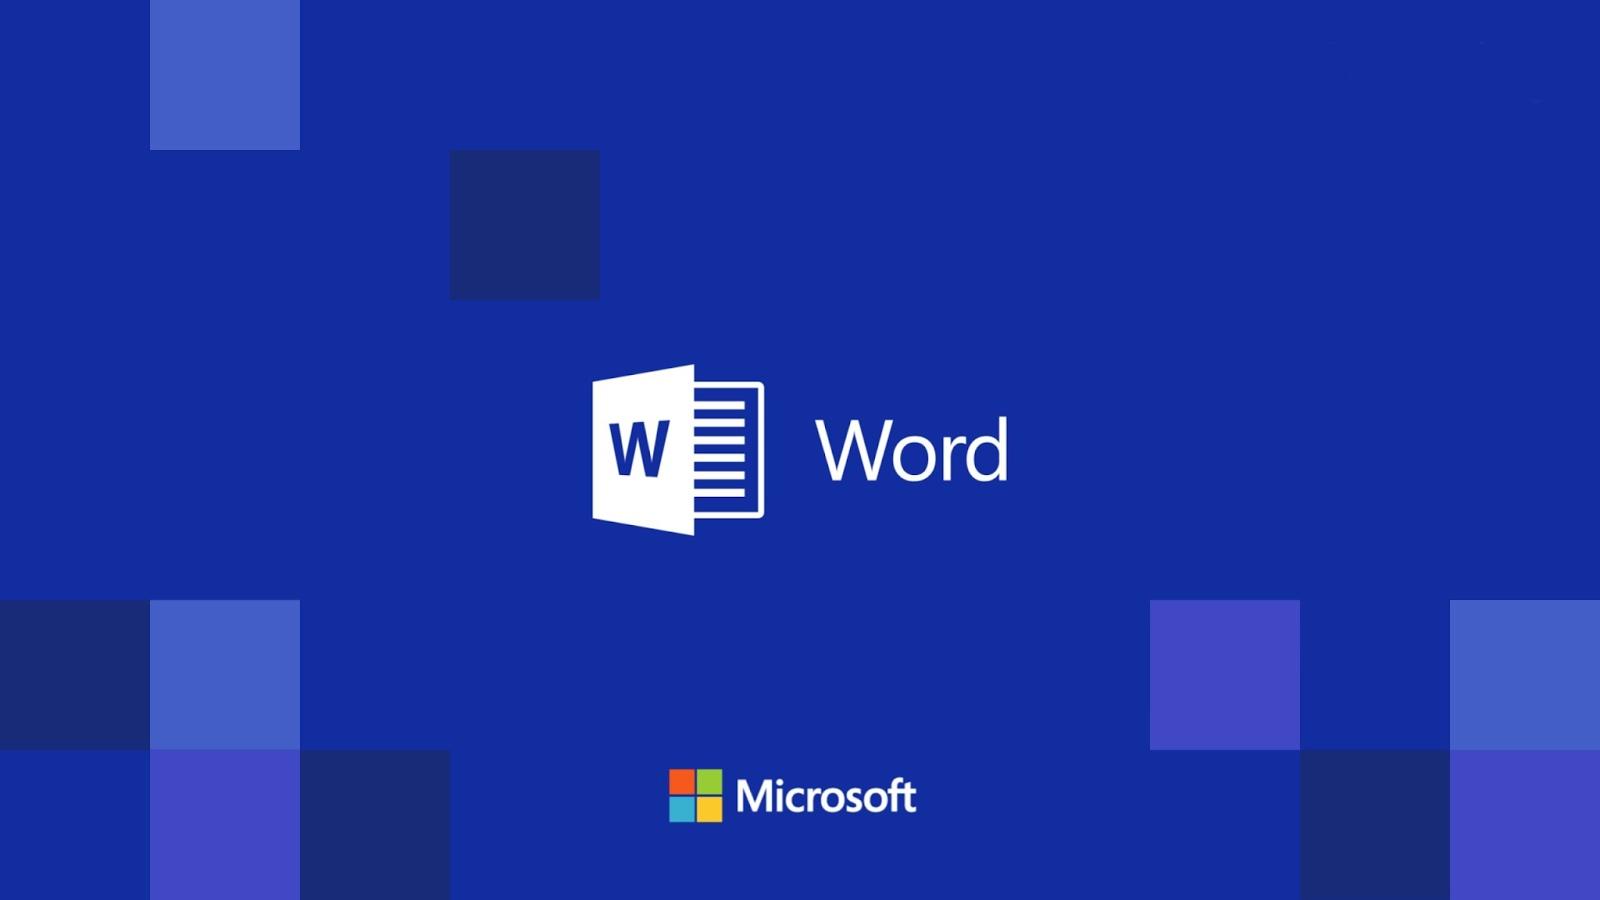 Pengertian Microsoft Word Beserta Manfaatnya